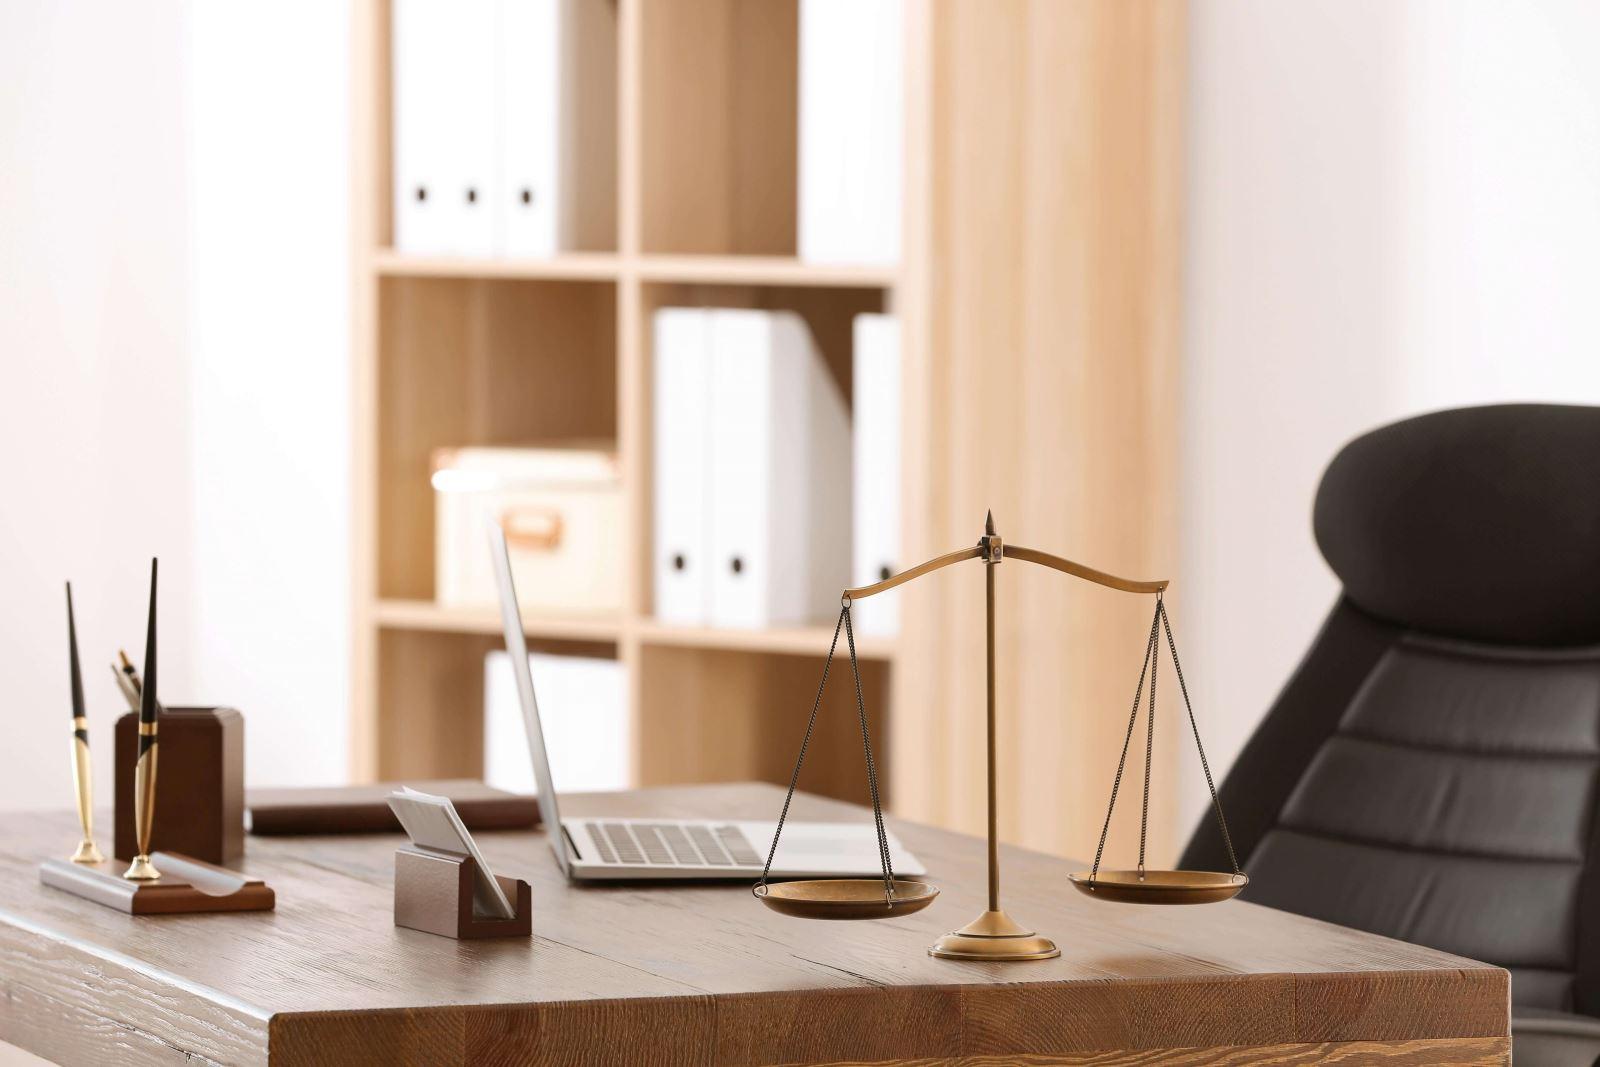 בחירת עורך דין דיני עבודה מומלץ